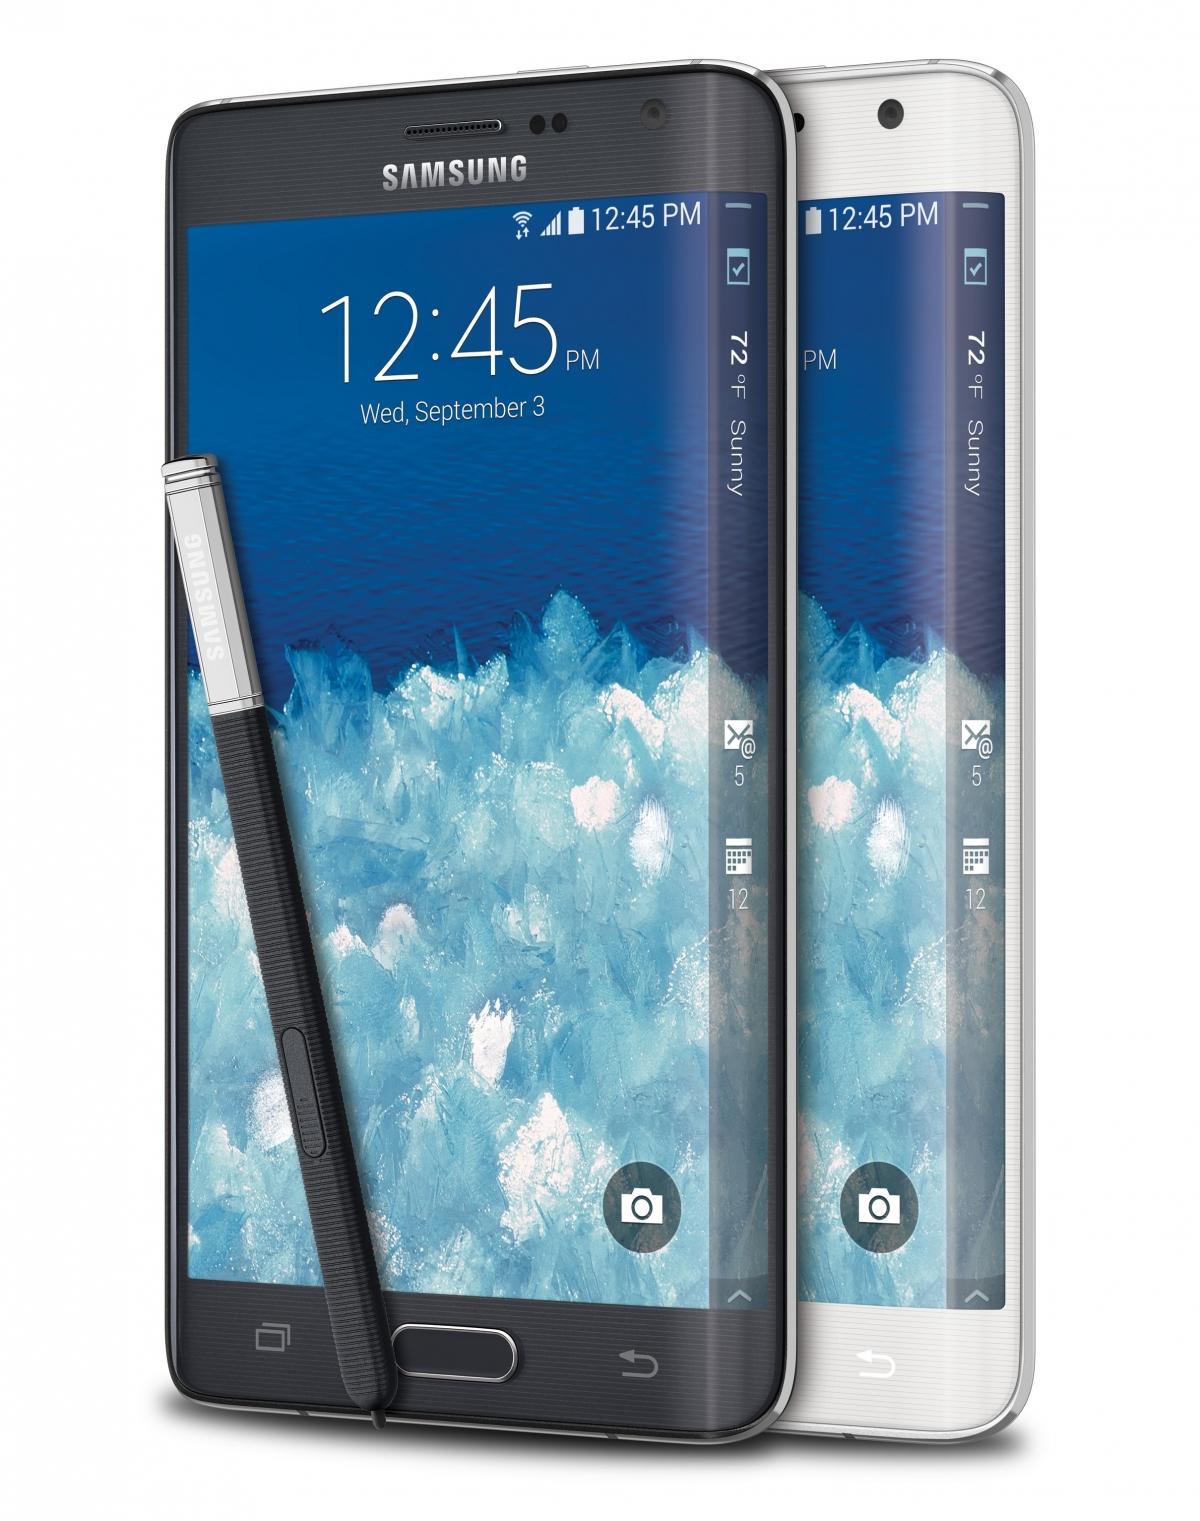 Samsung galaxy release date in Perth